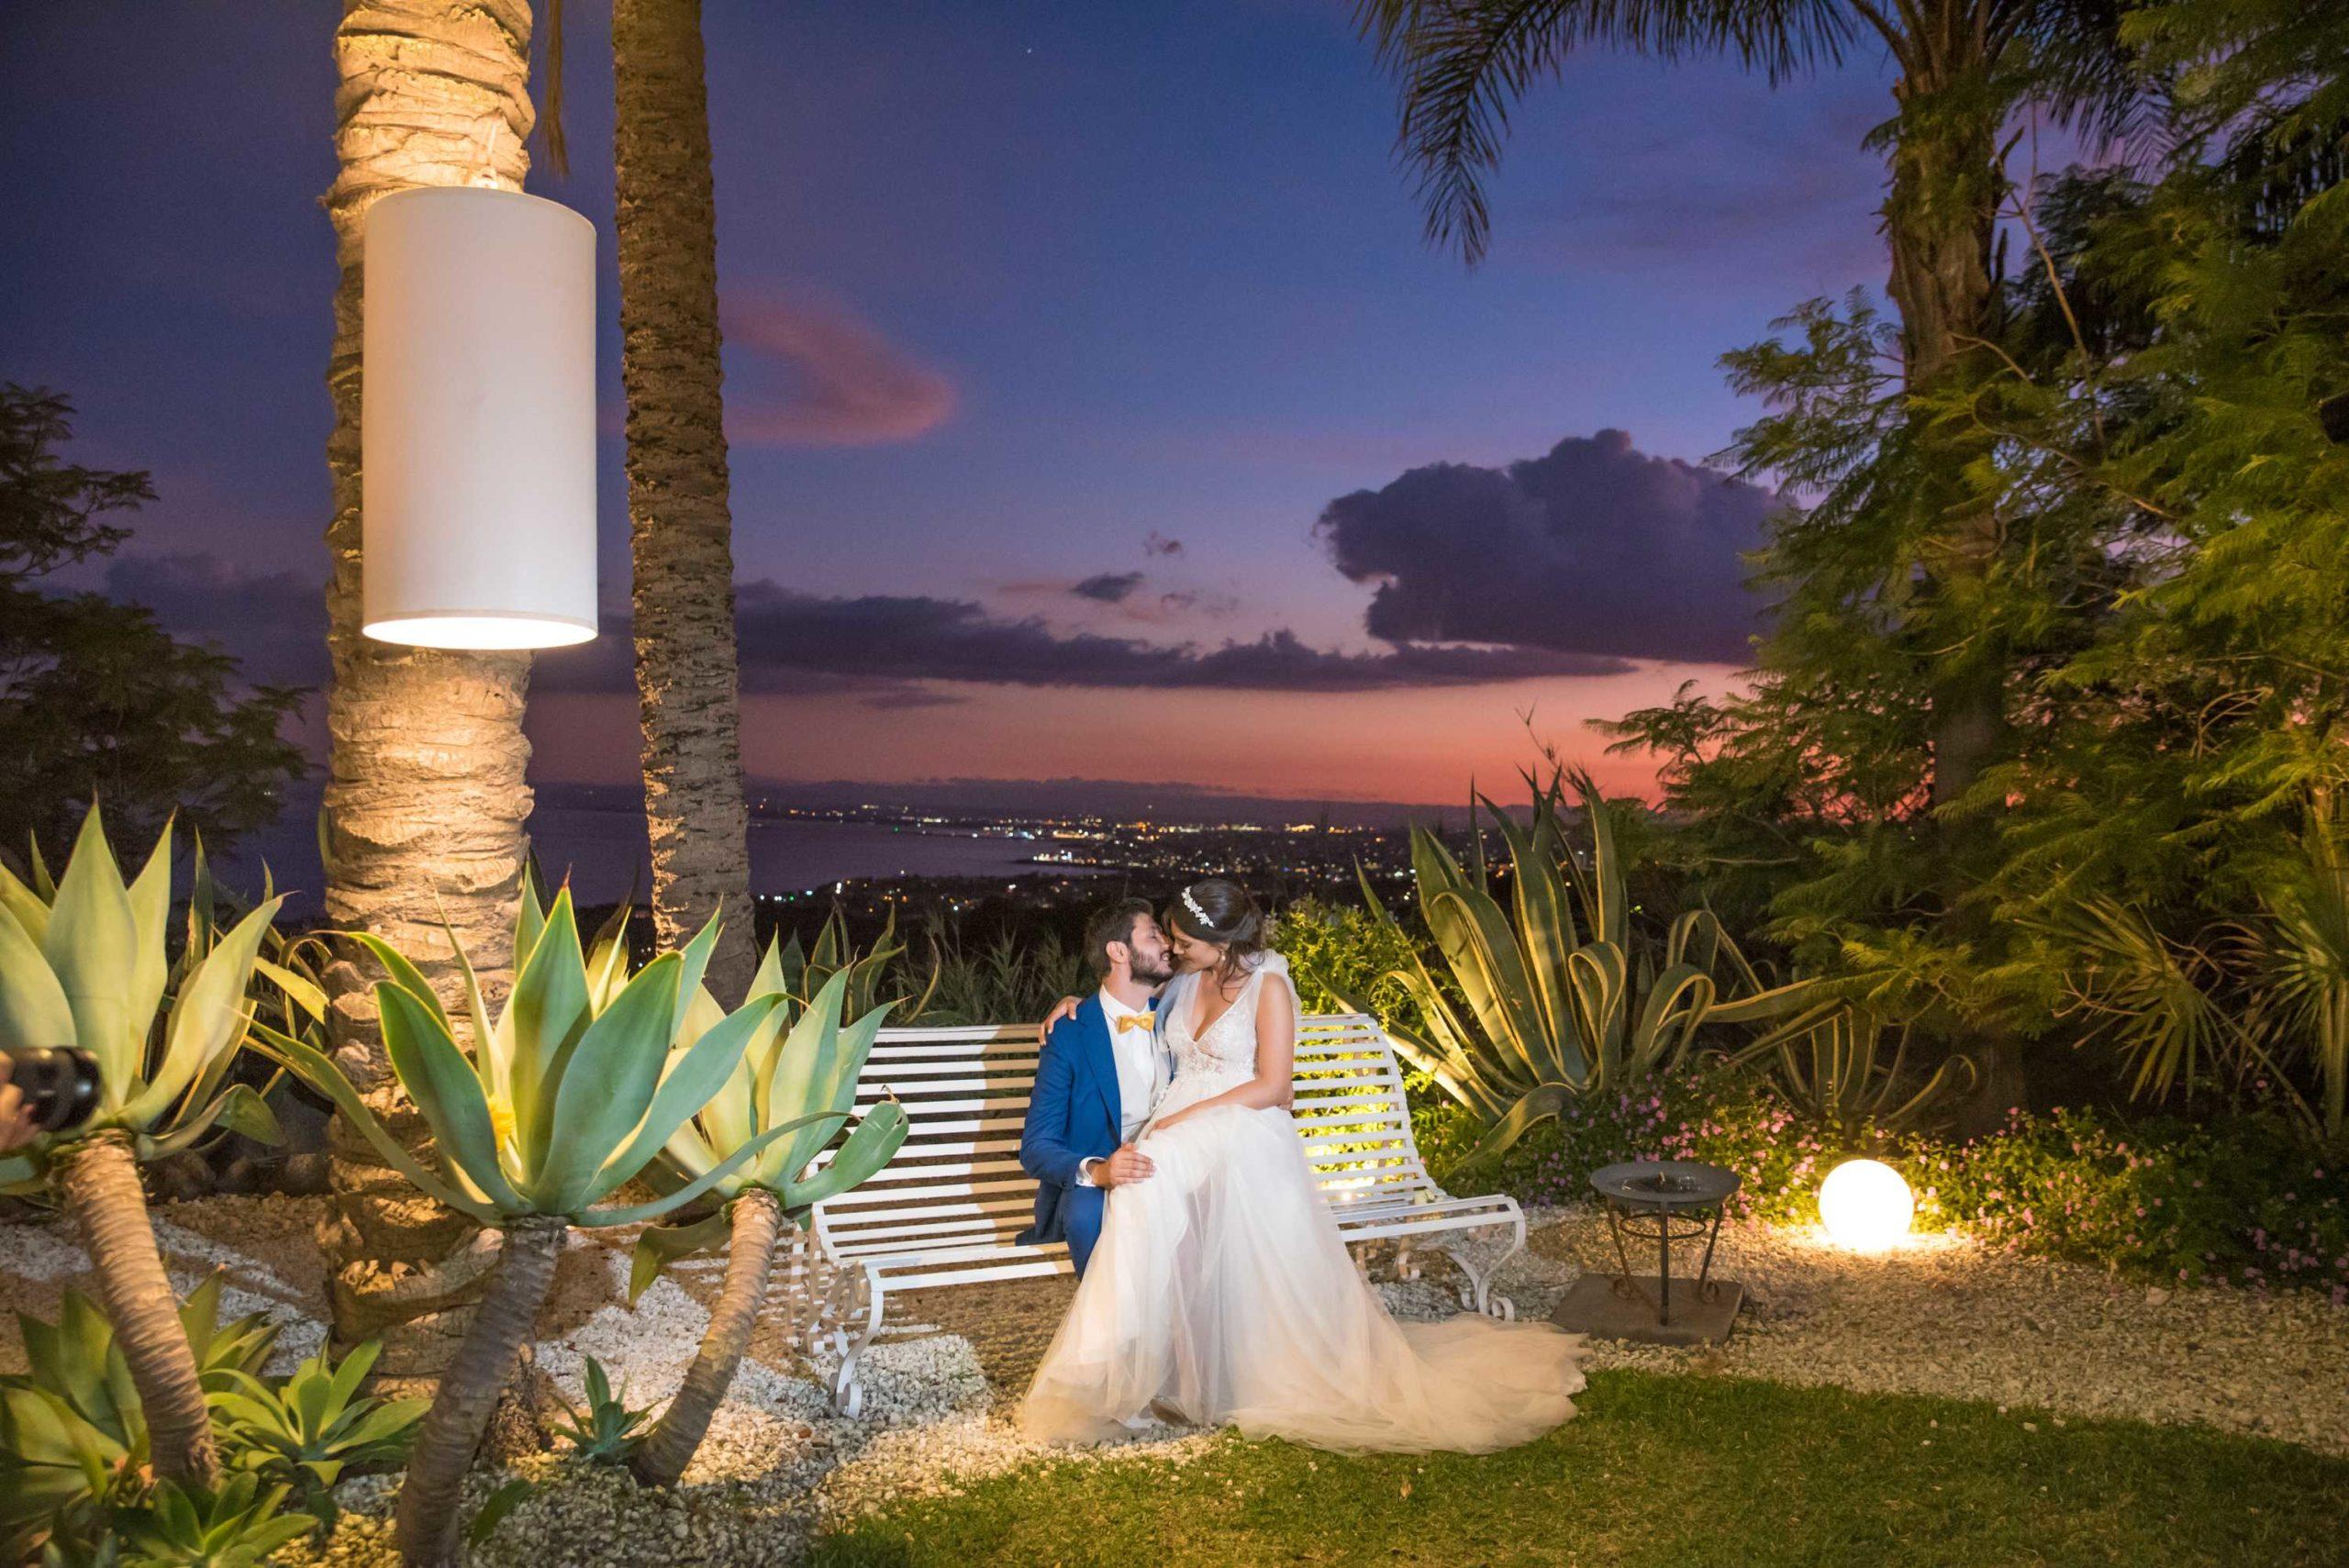 Bruidspaar bij Casa delle Terre Forti bij zonsondergang